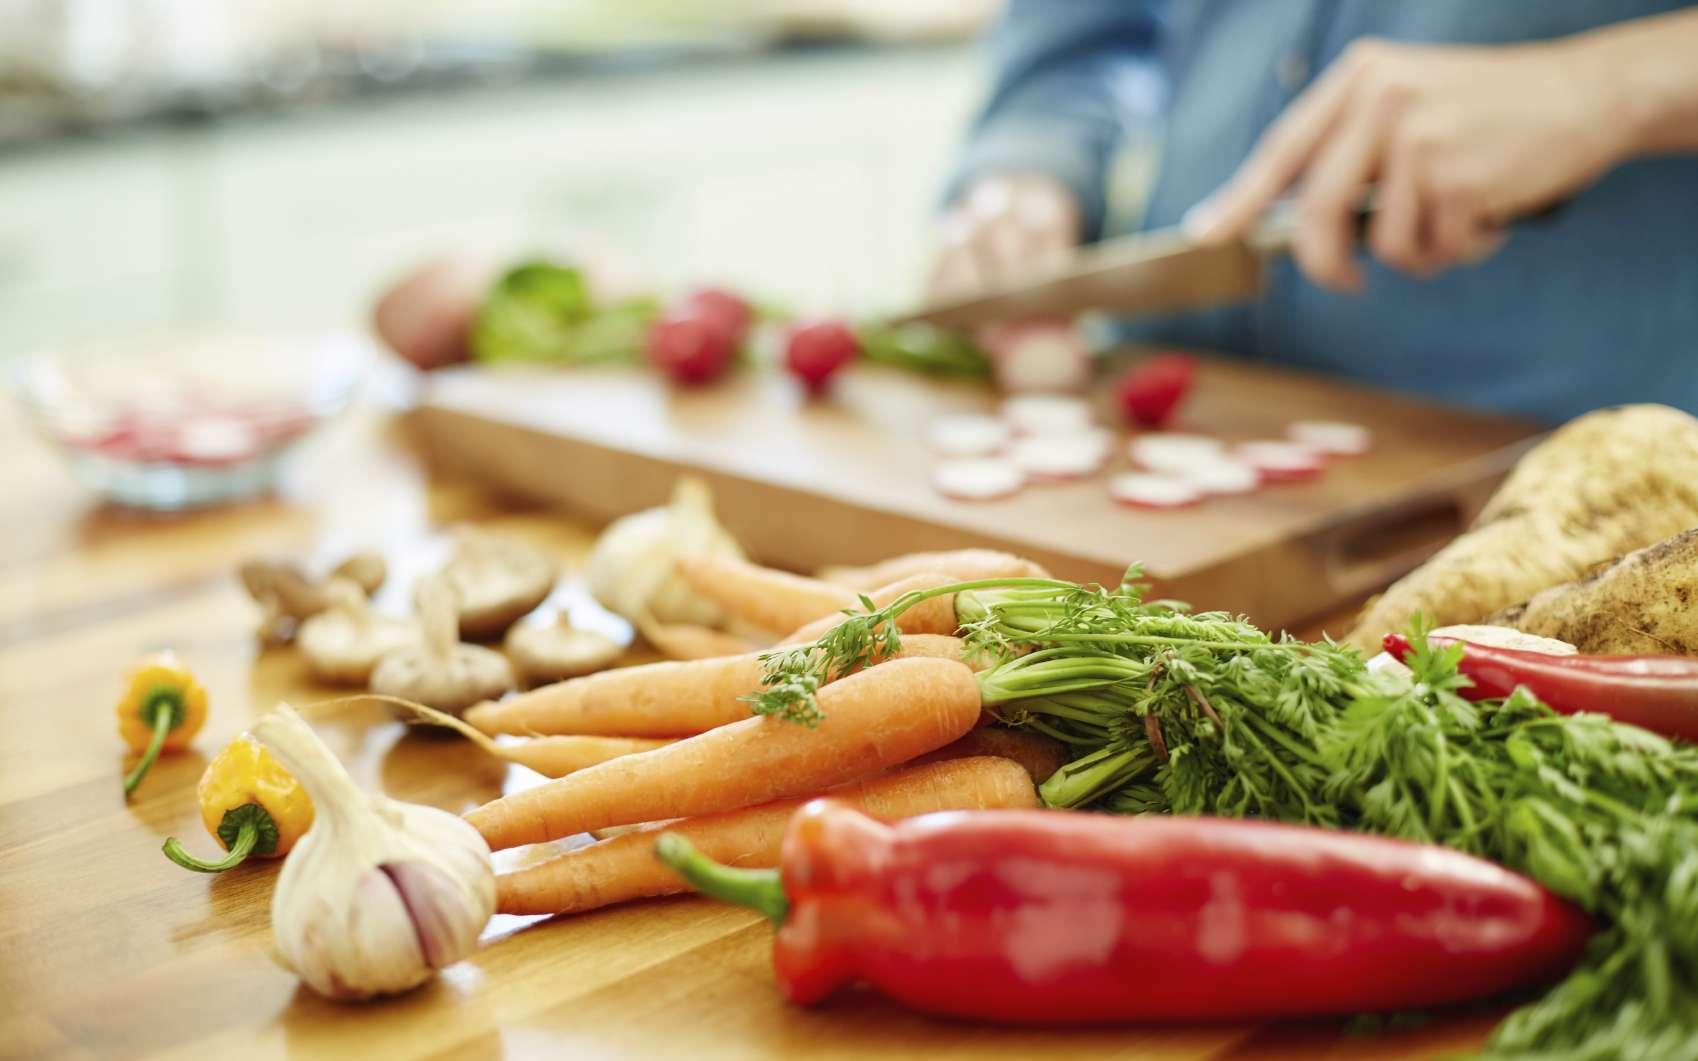 Il faut éviter de s'ennuyer pour ne pas voir survenir l'envie de manger. © NeustockImages, Istock.com